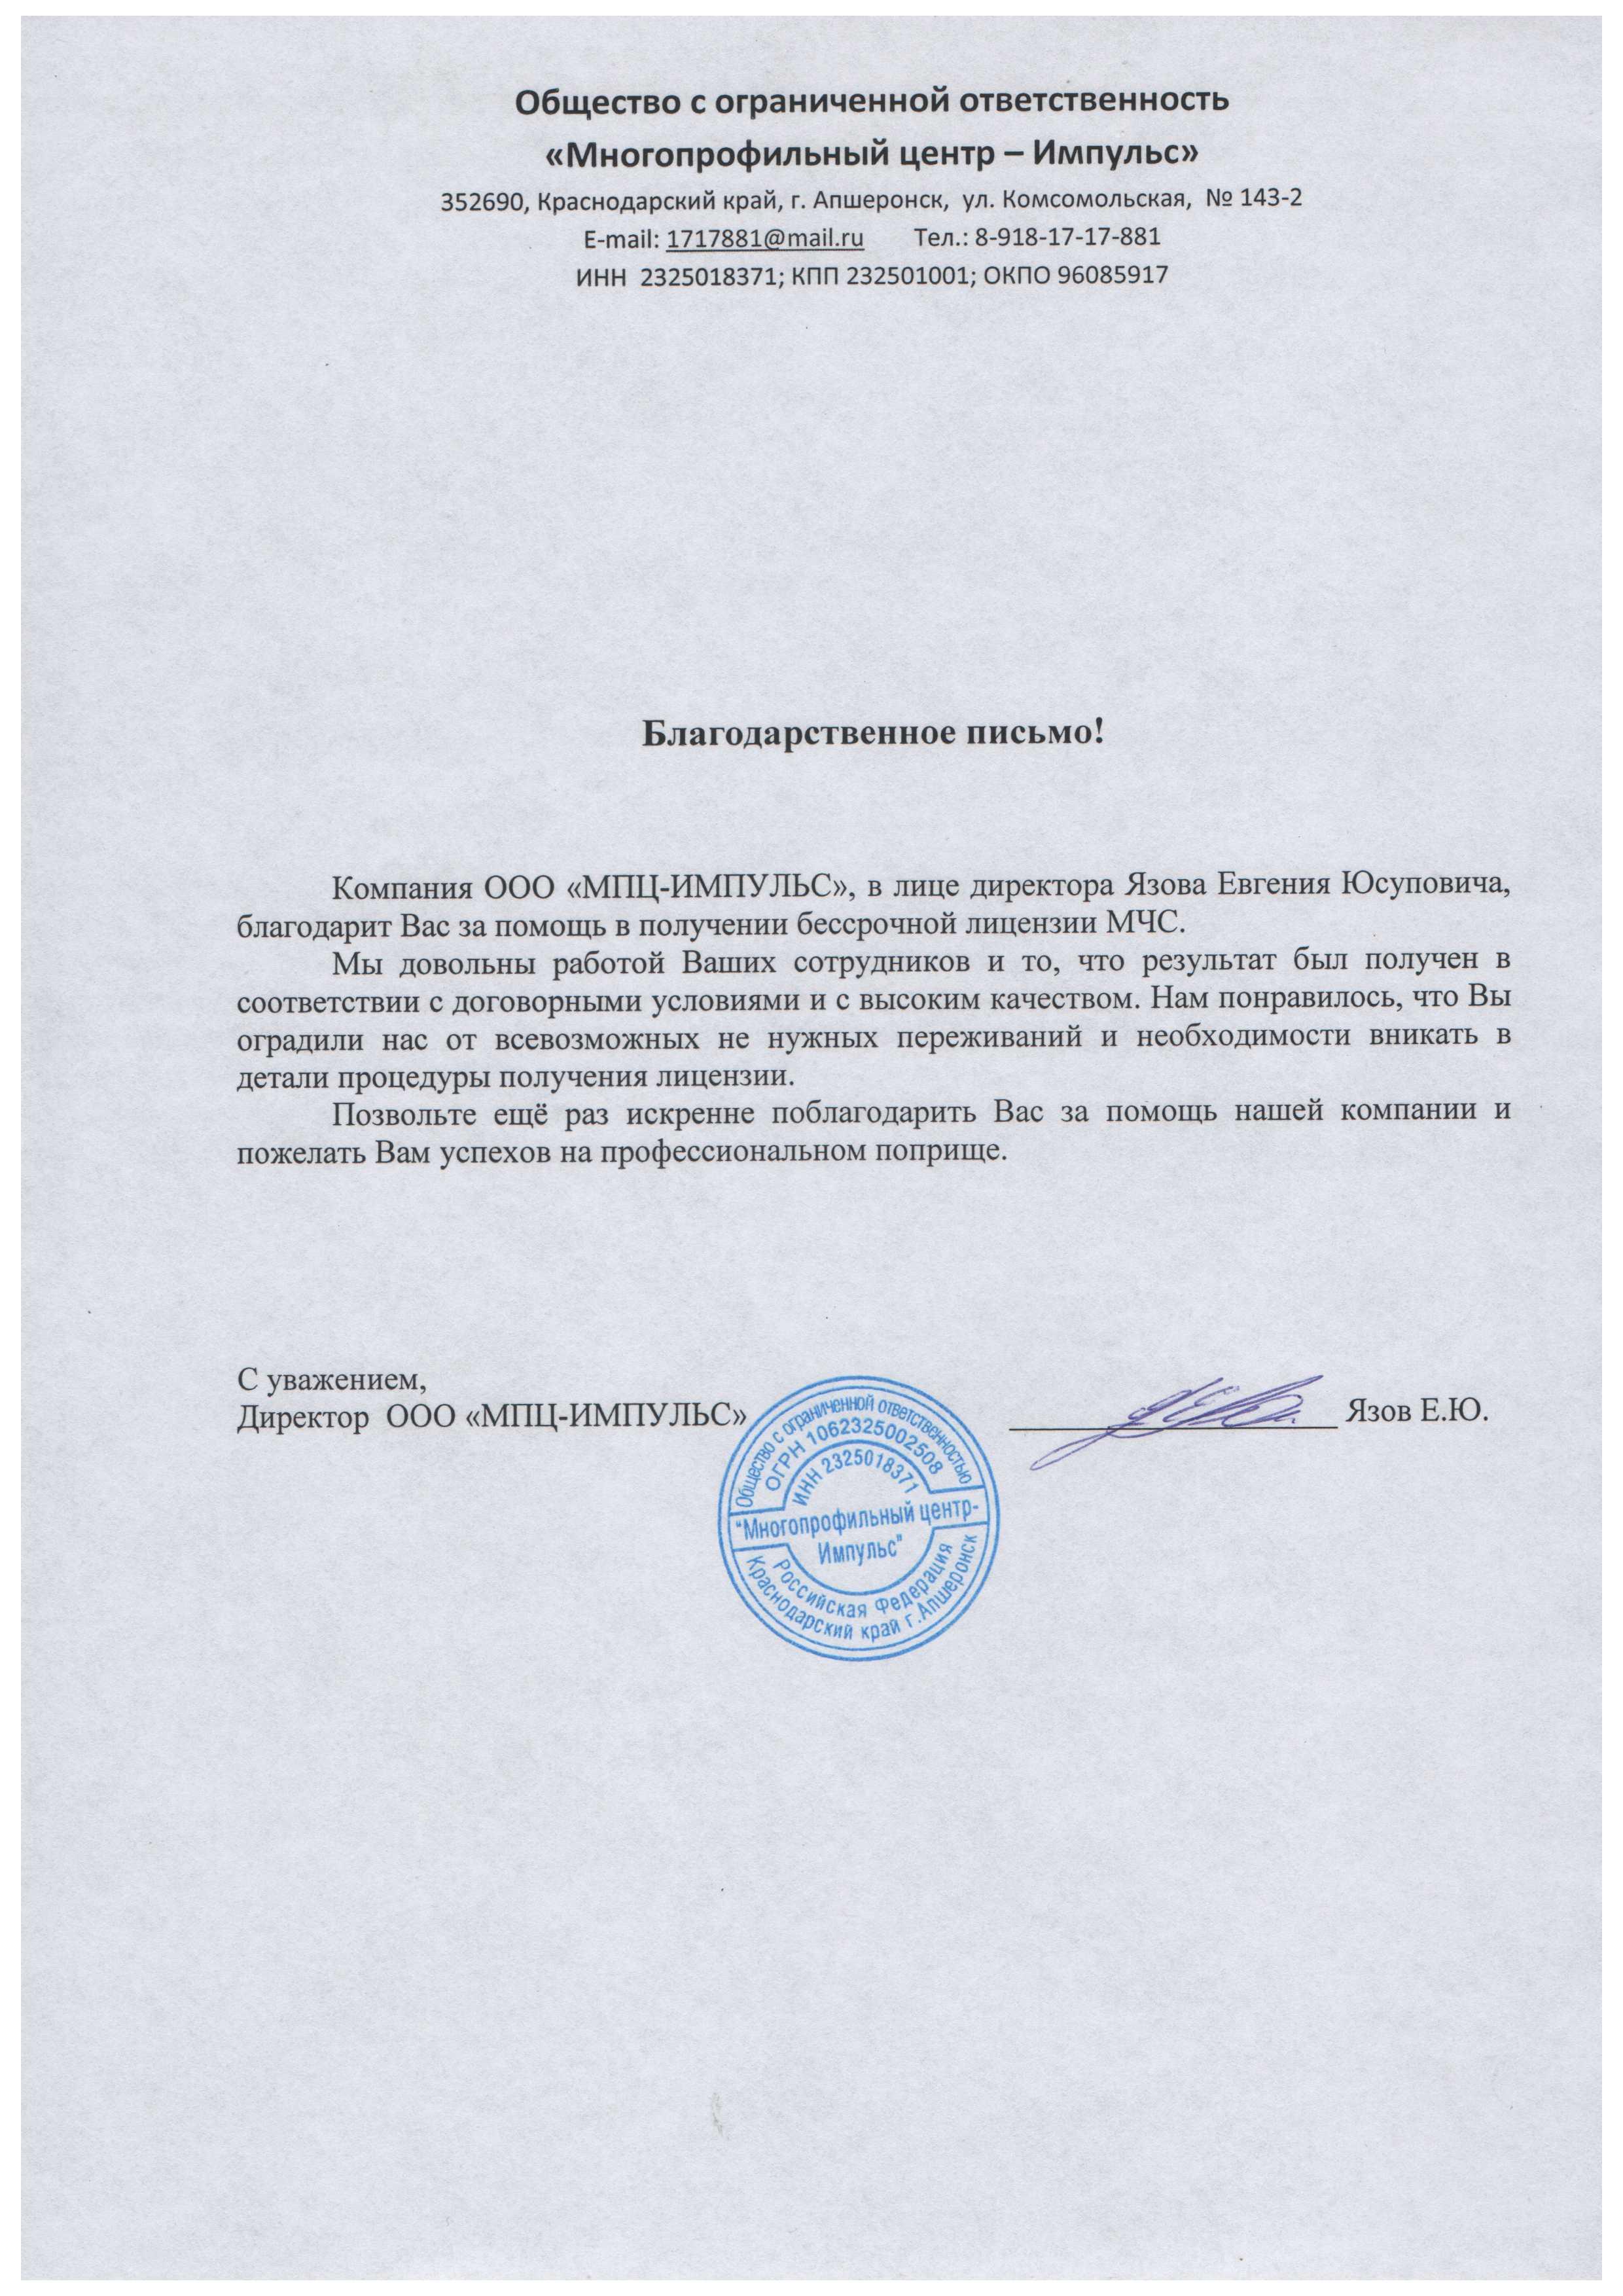 МПЦ-ИМПУЛЬС отзыв